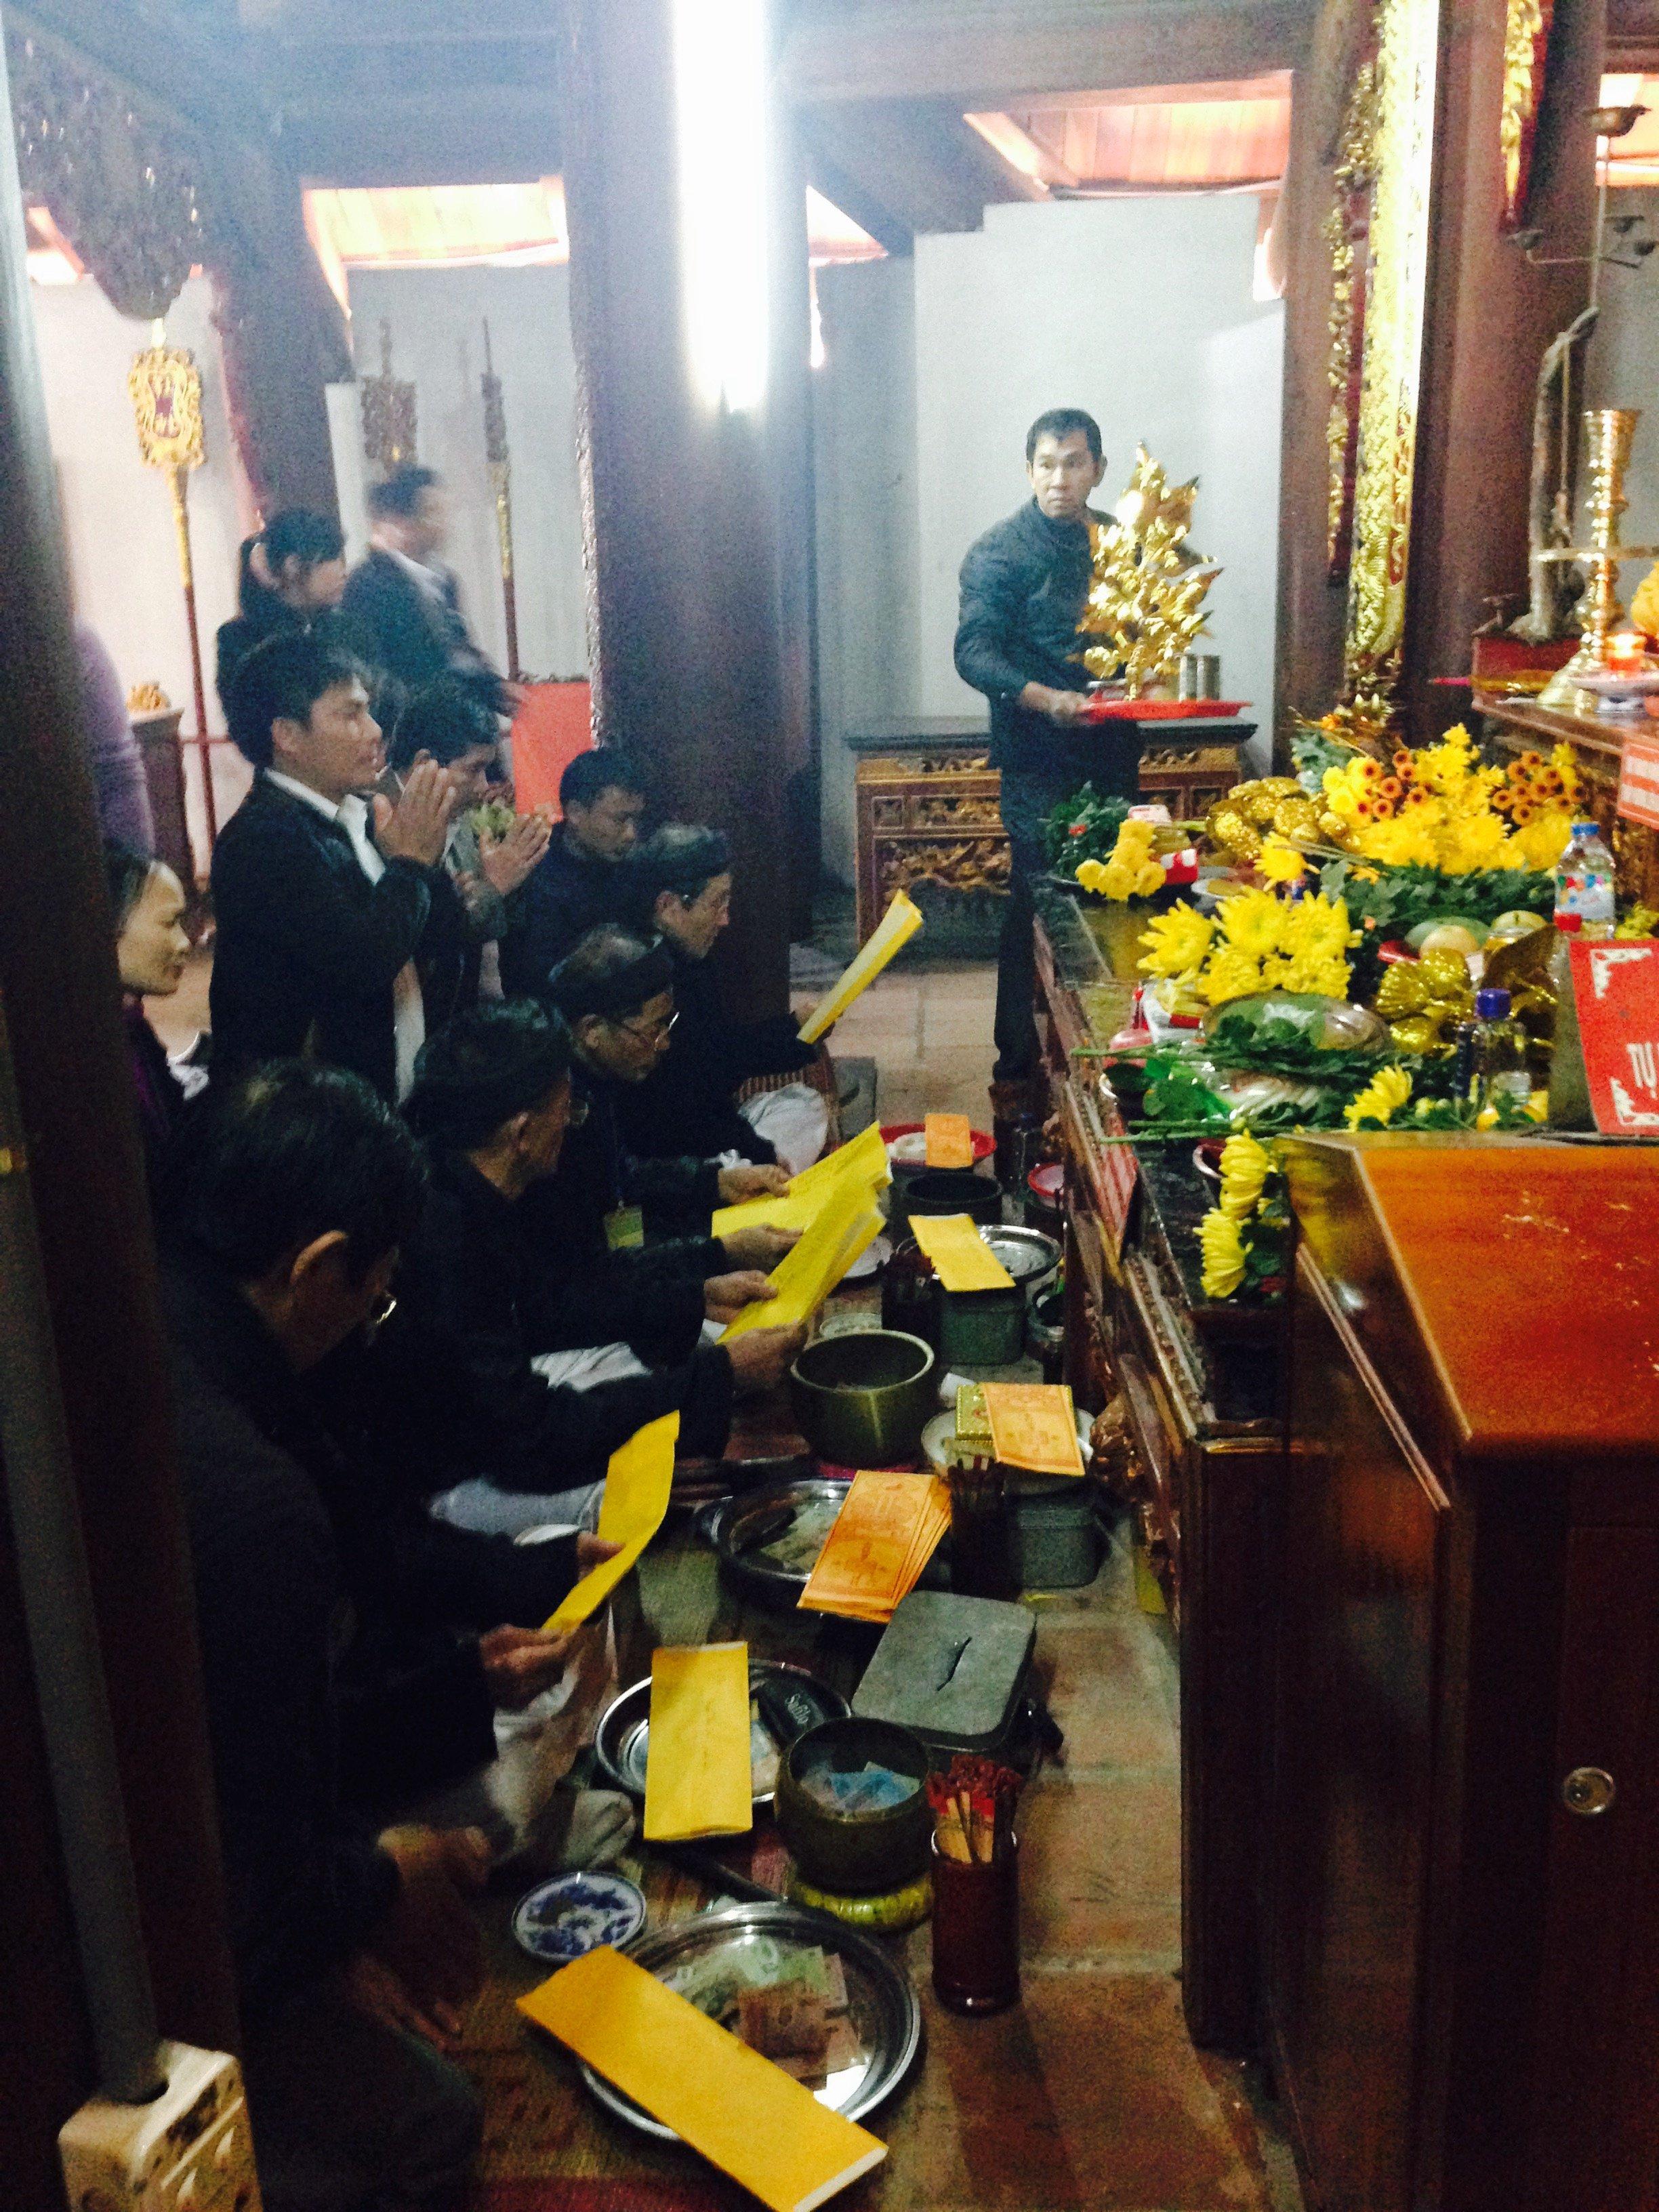 Phản cảm cảnh lễ bái lộn xộn tại ngôi đền nổi tiếng linh thiêng đất Nghệ 8